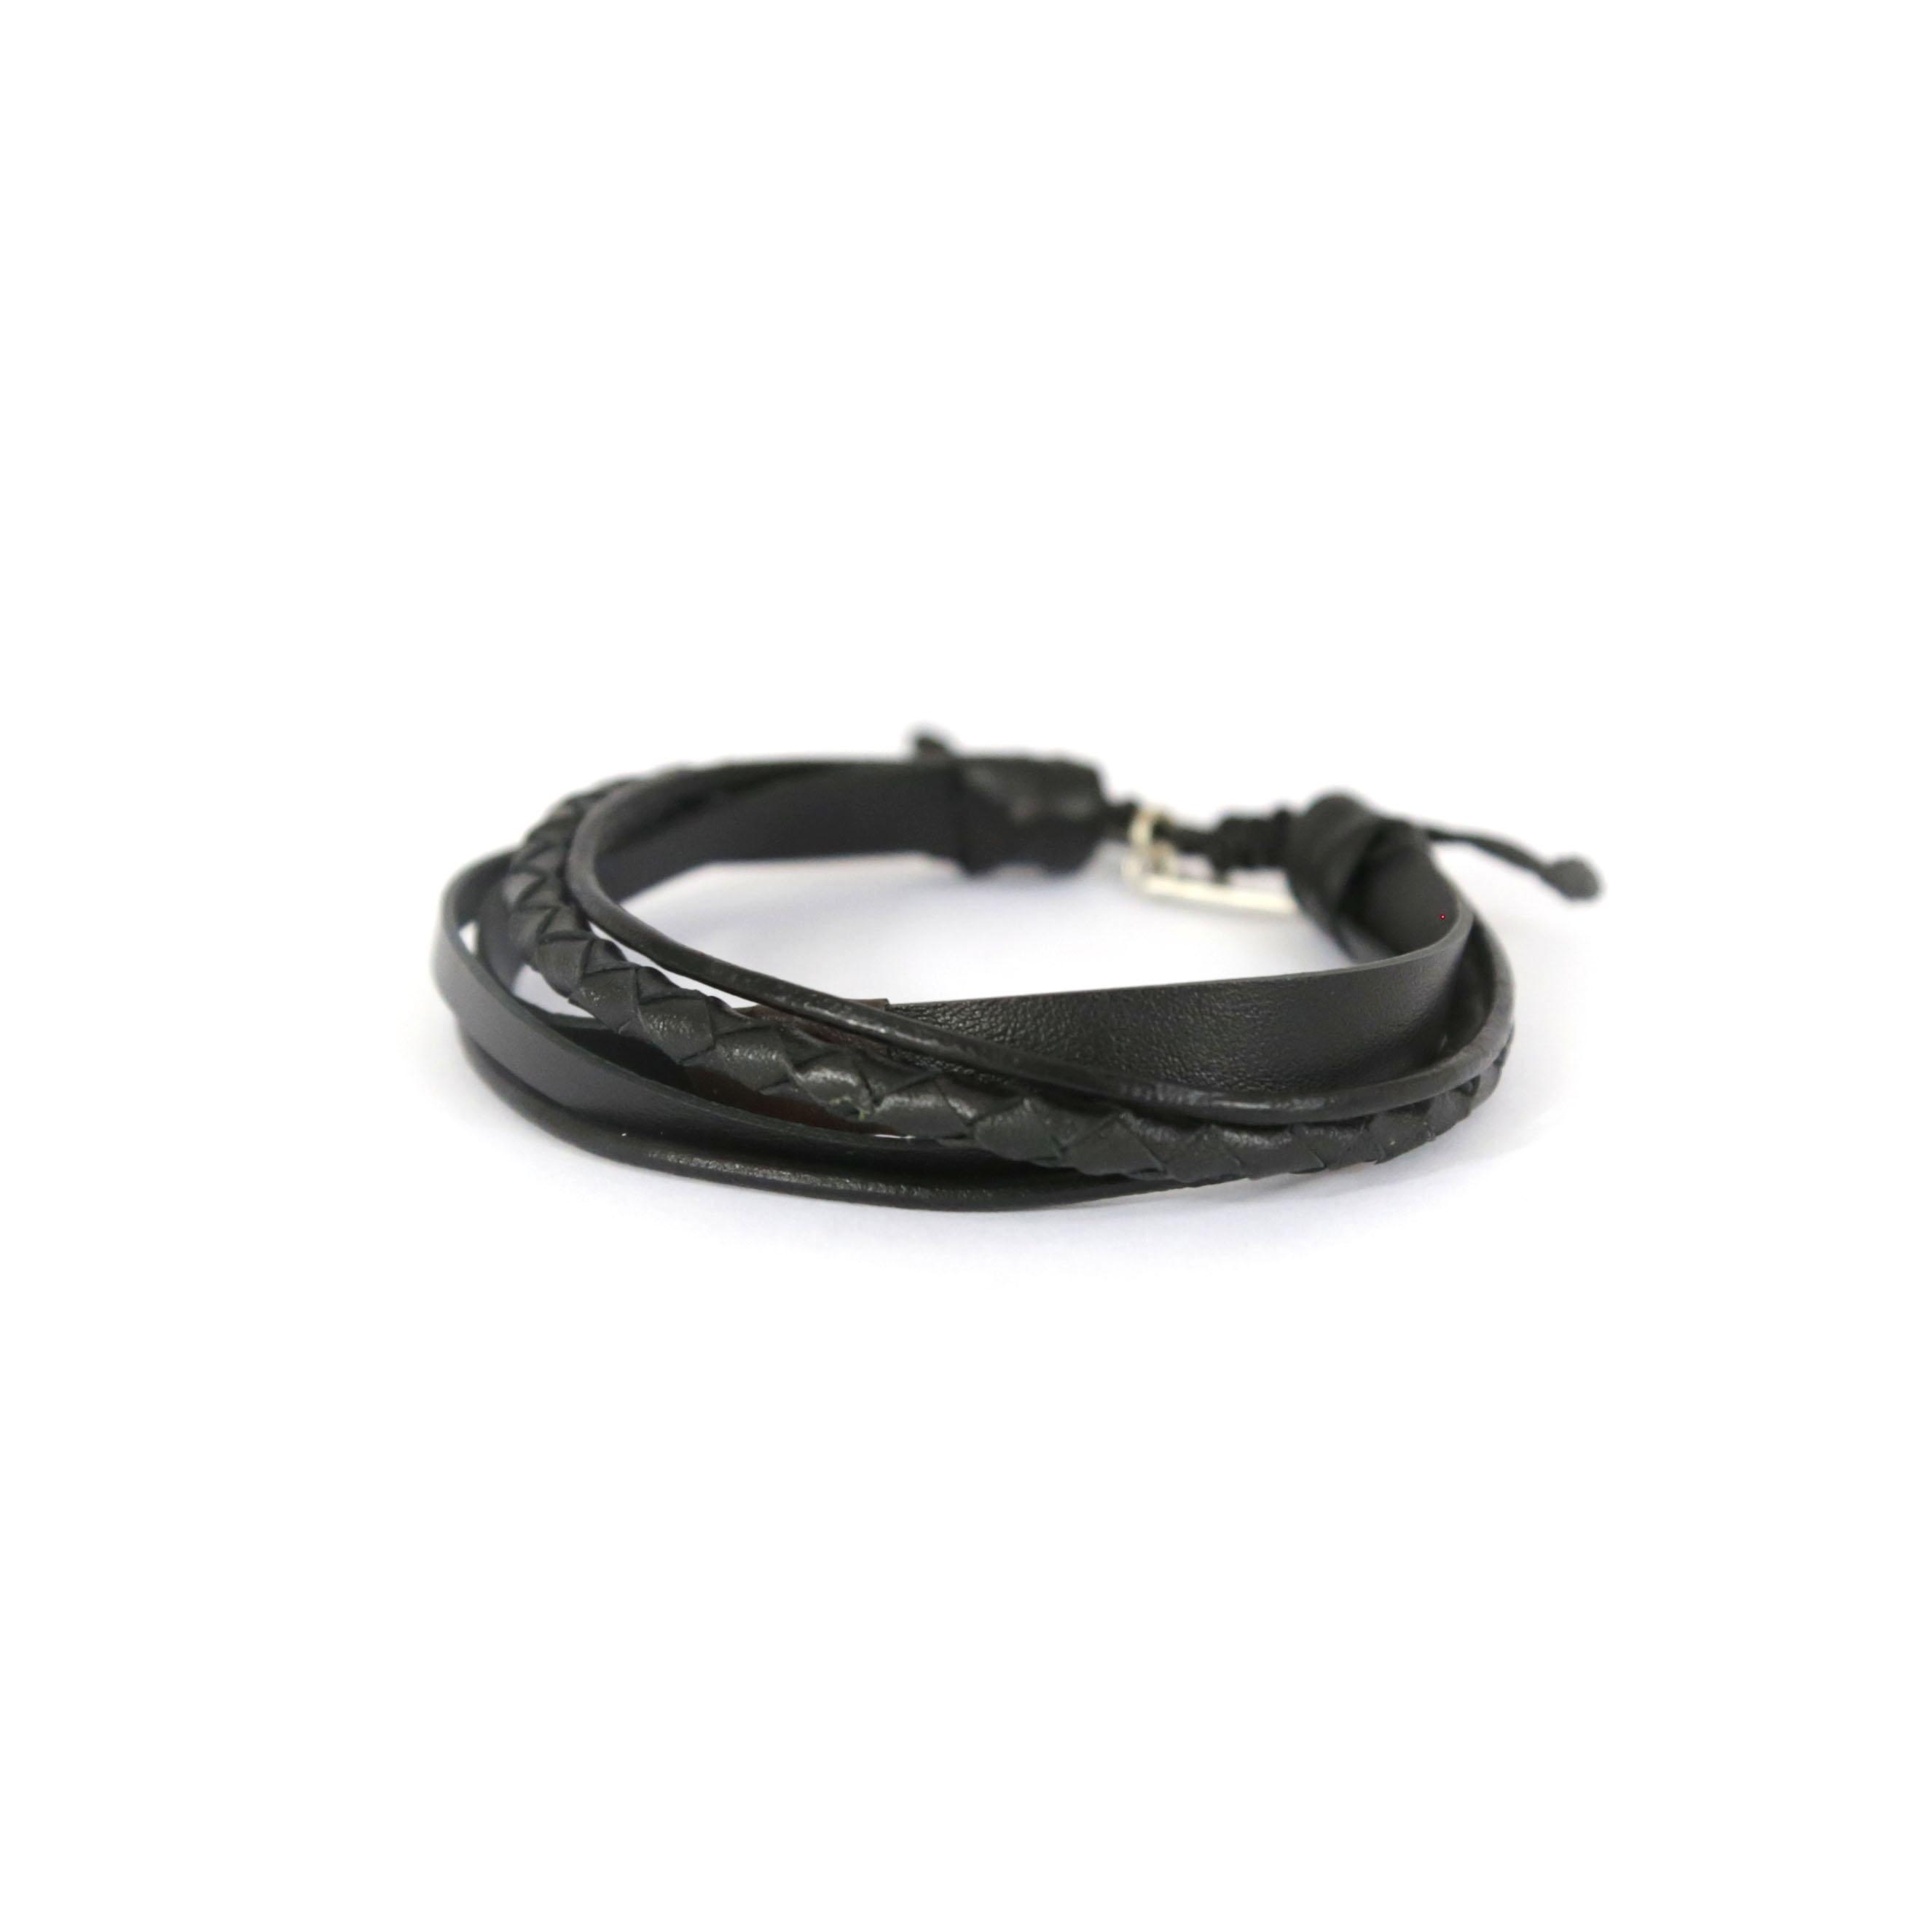 bracelet homme en cuir noir perle de jade